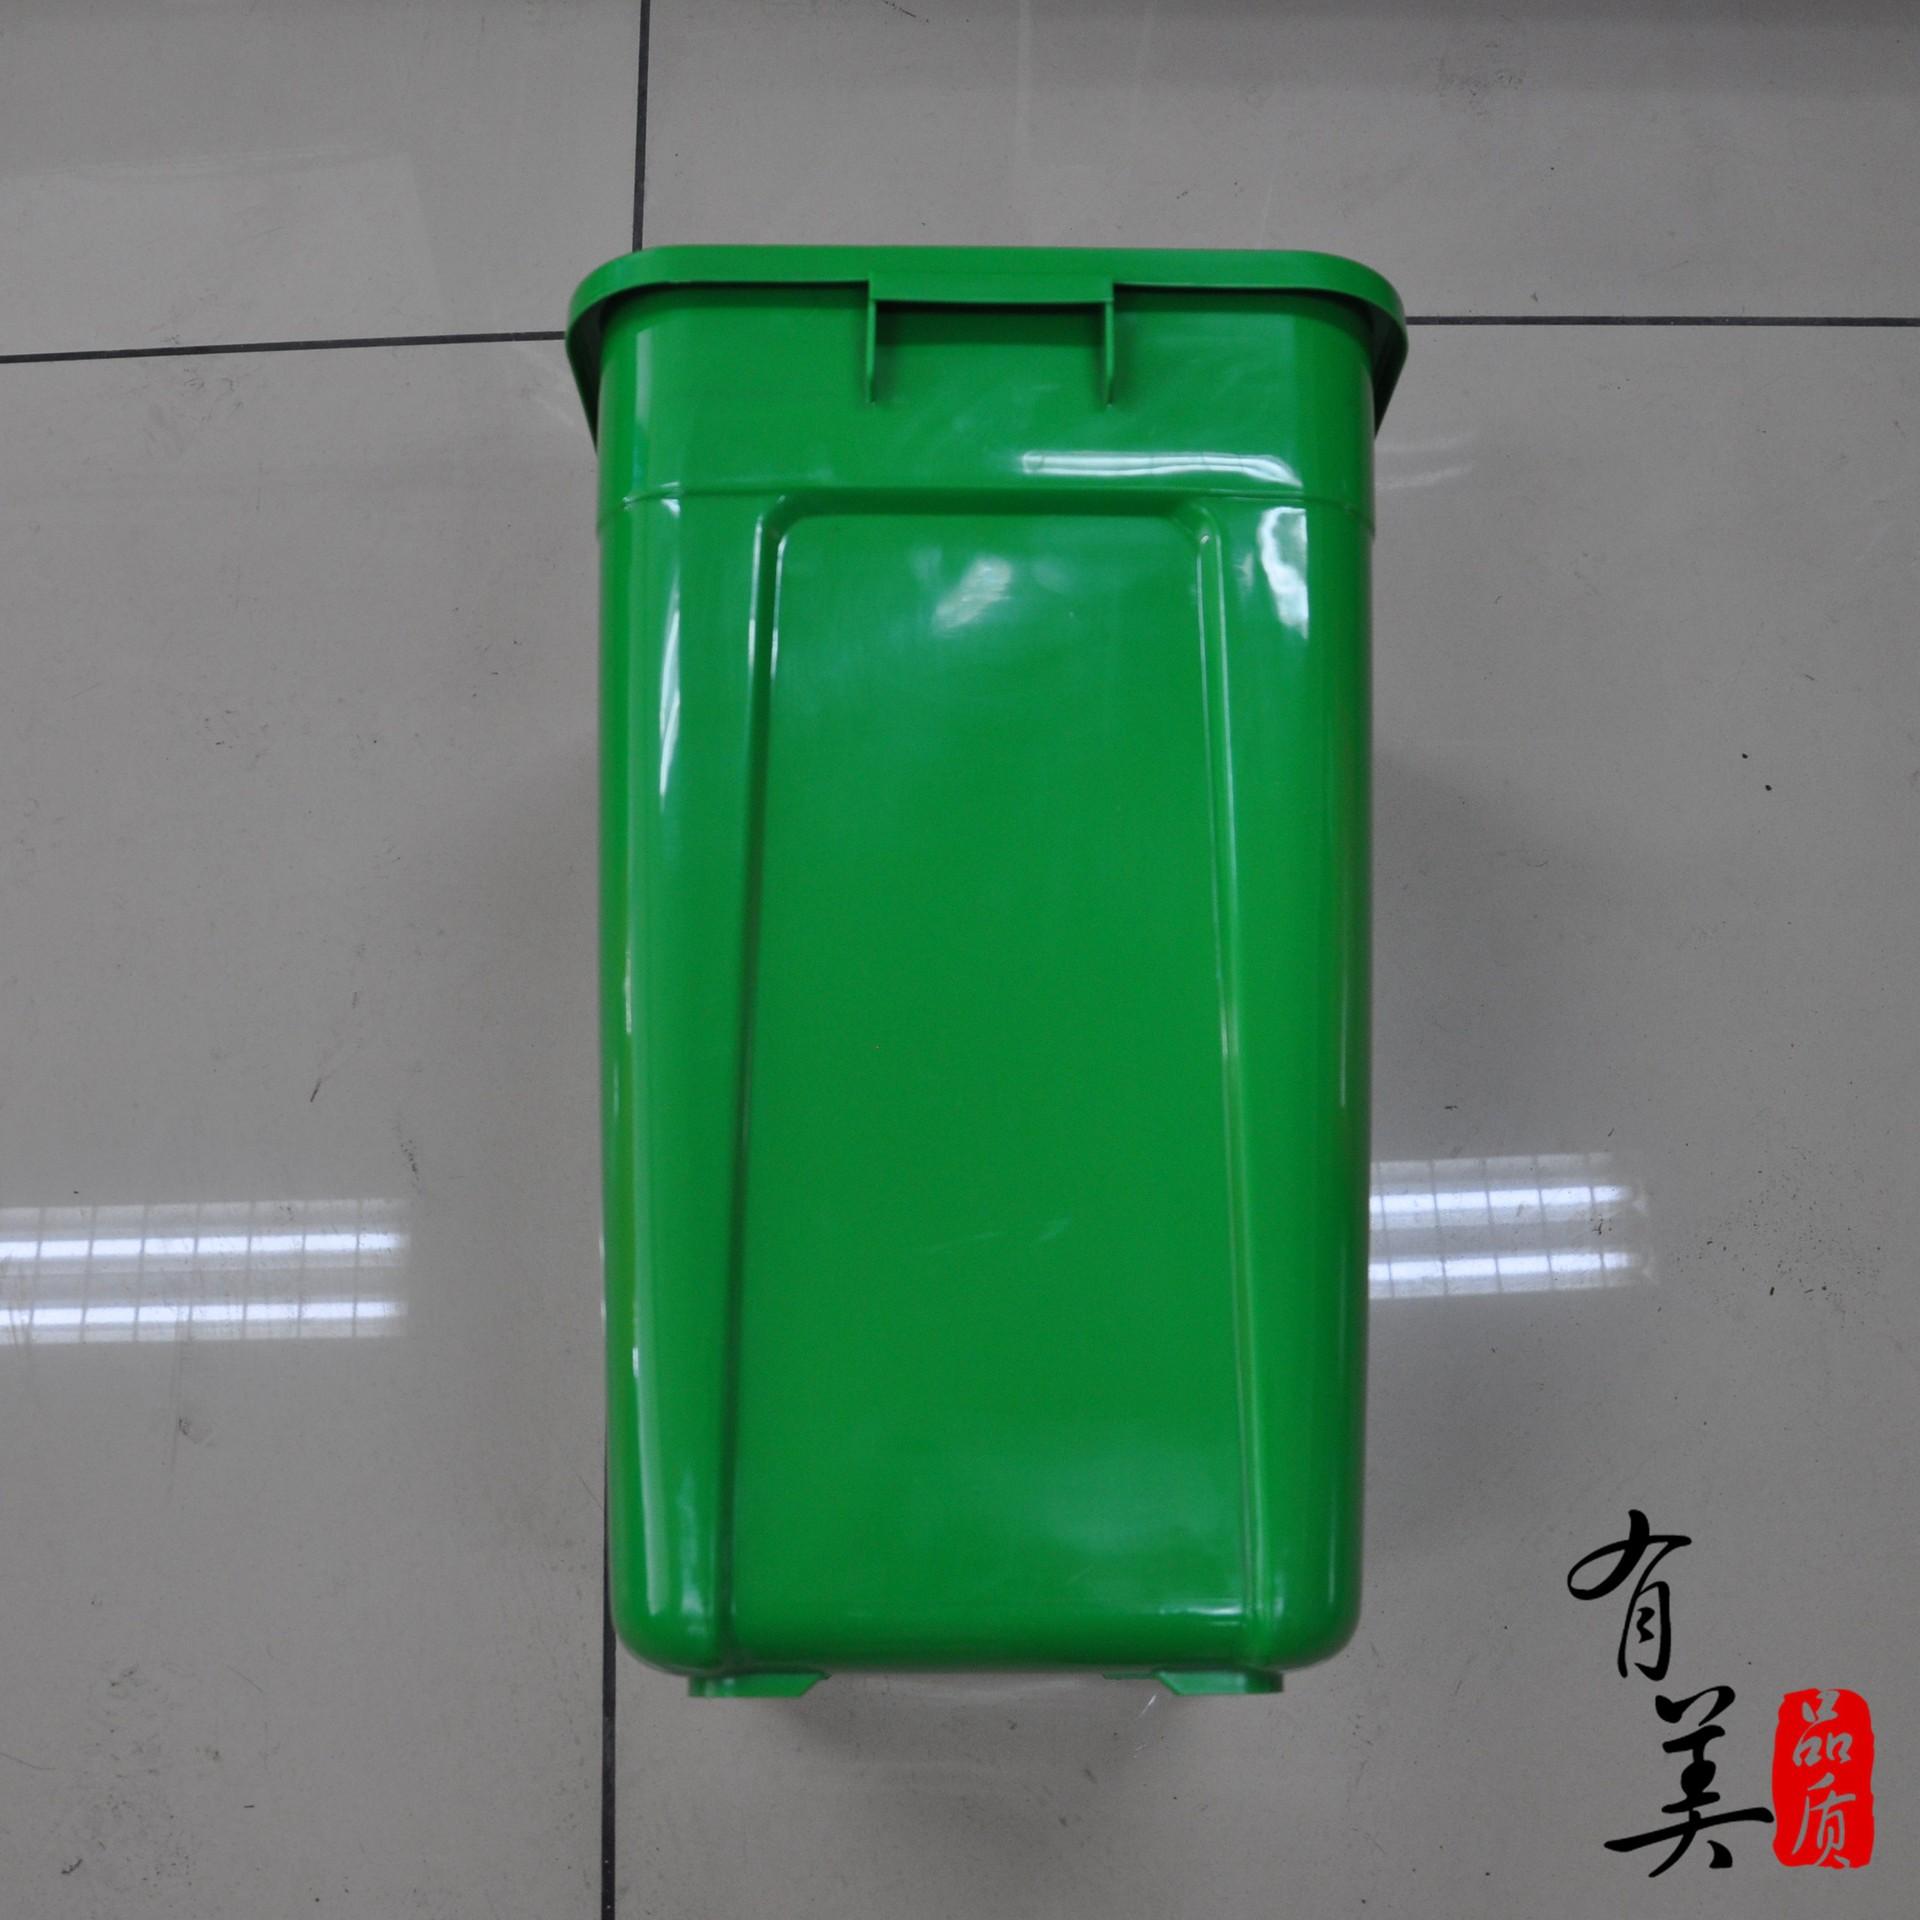 北京30l垃圾桶 室内教室酒店客房户外塑料垃圾桶